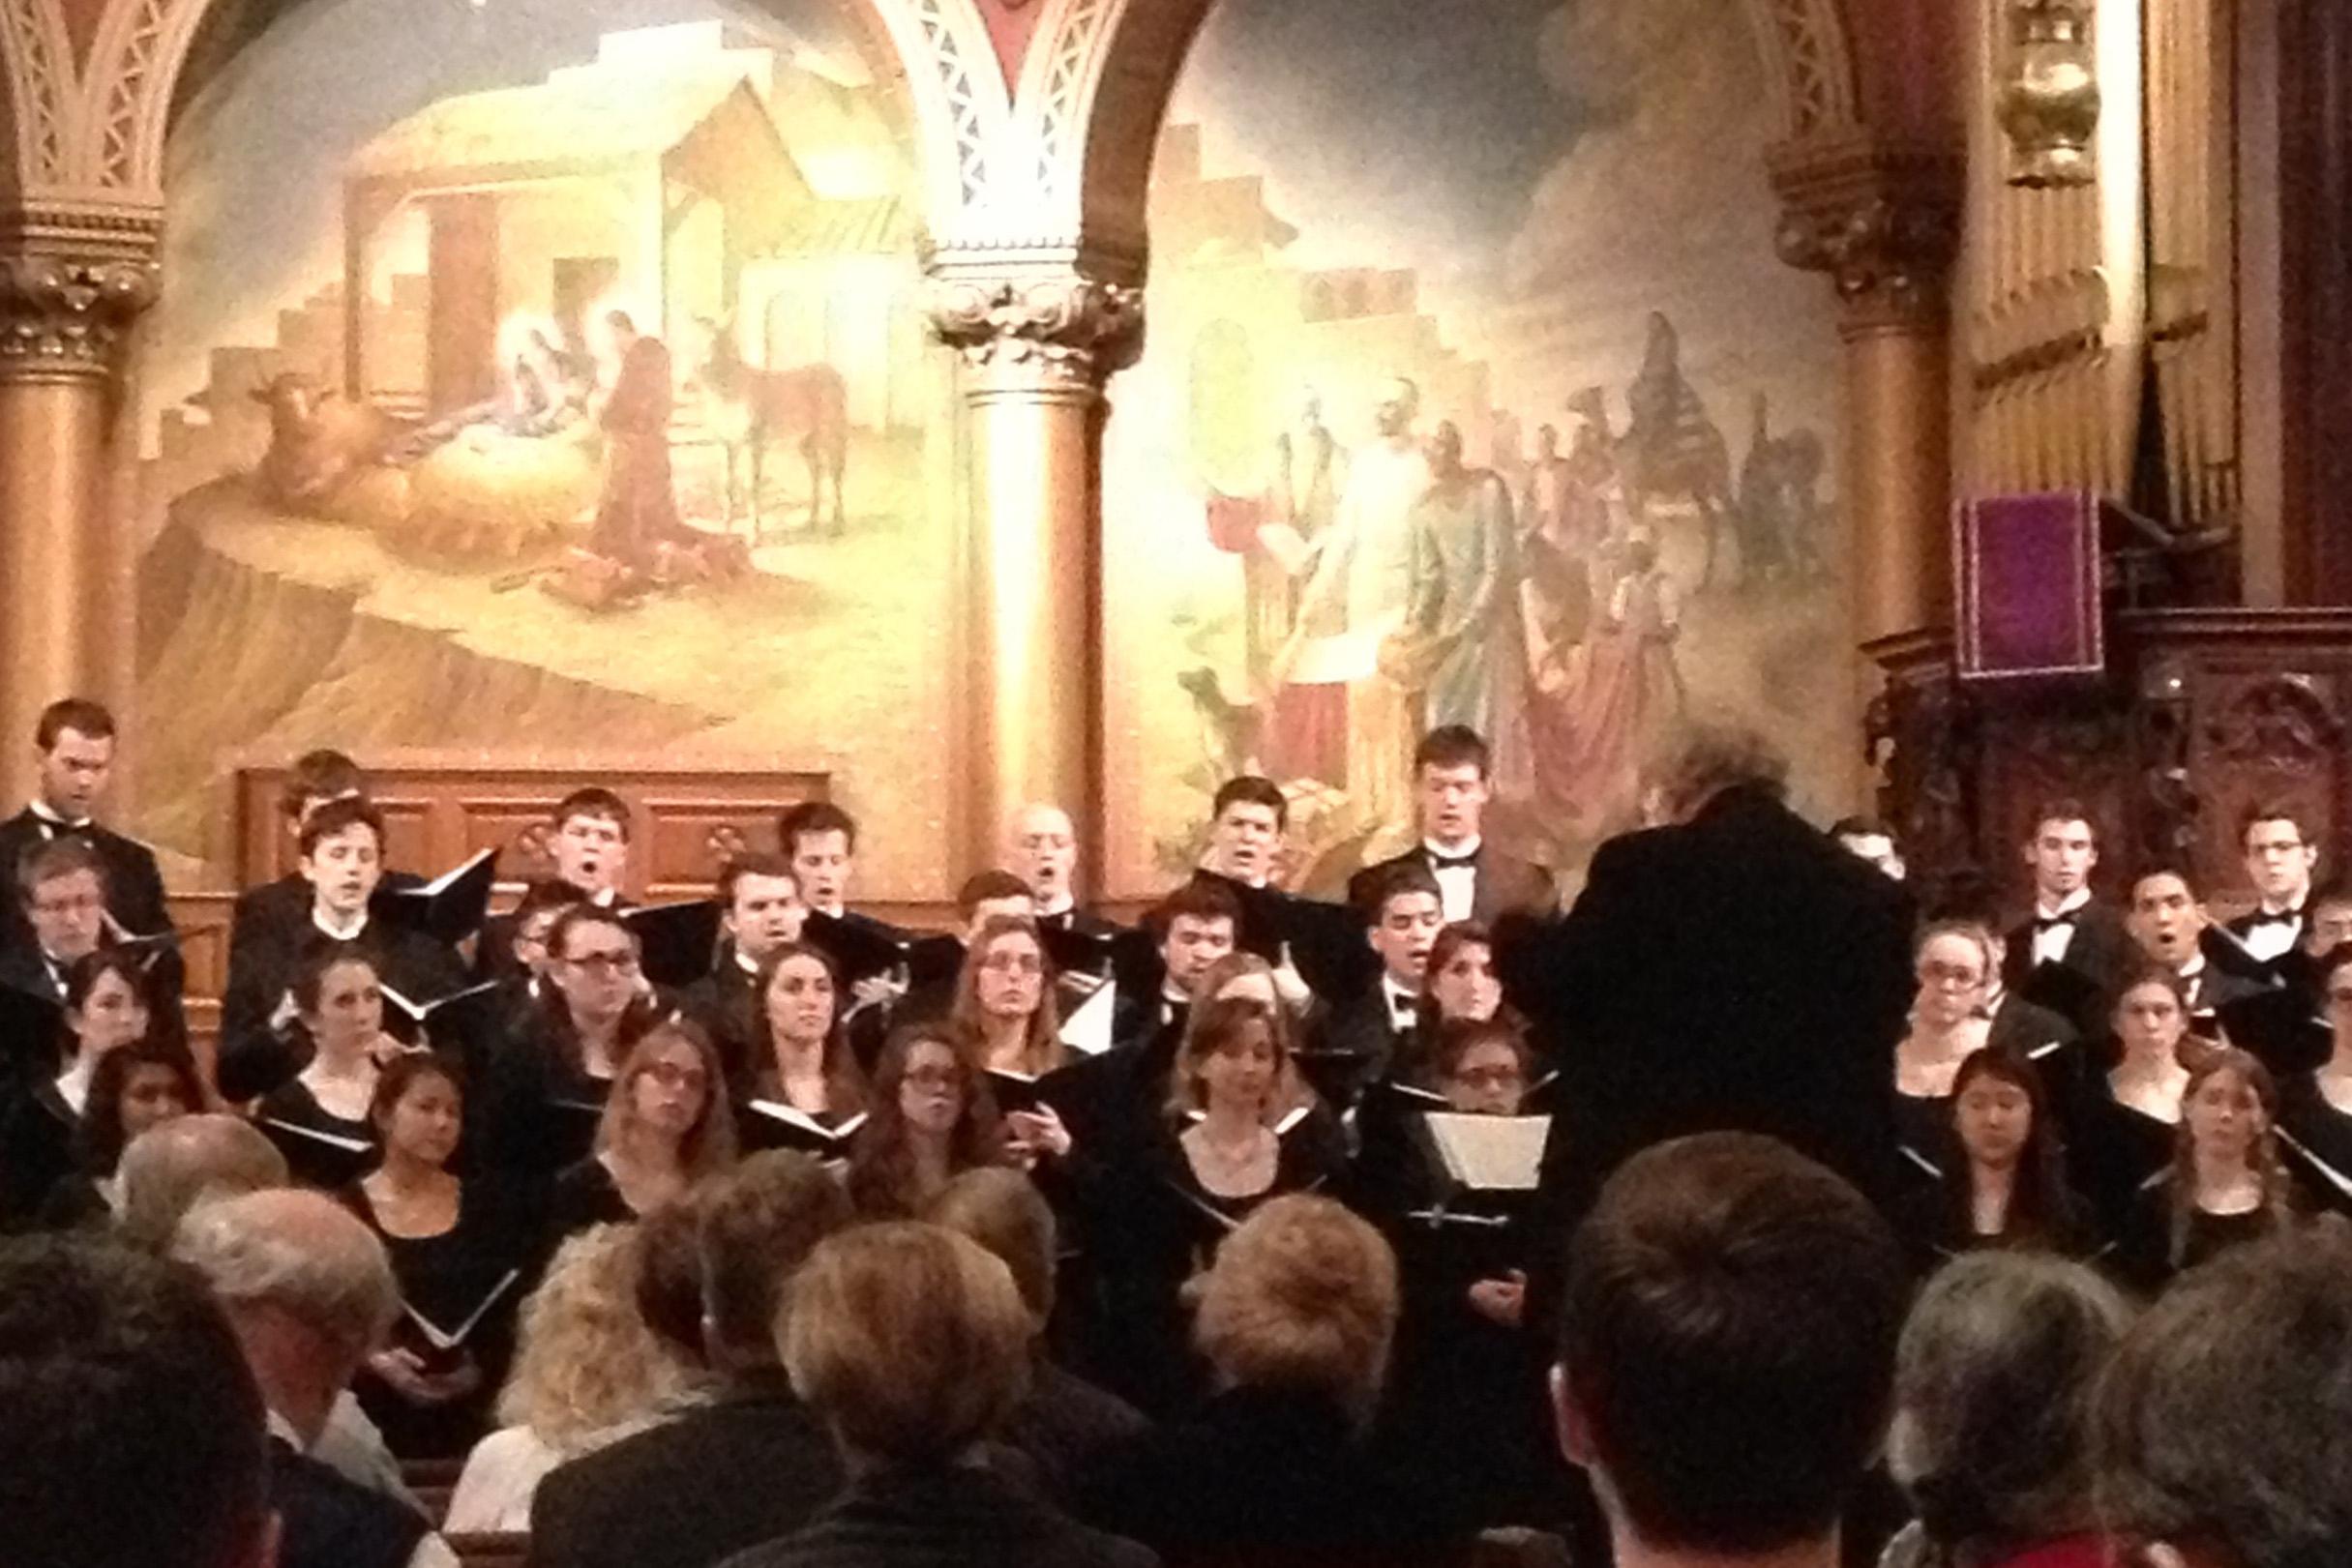 Choir at Philadelphia's Church of the Holy Trinity